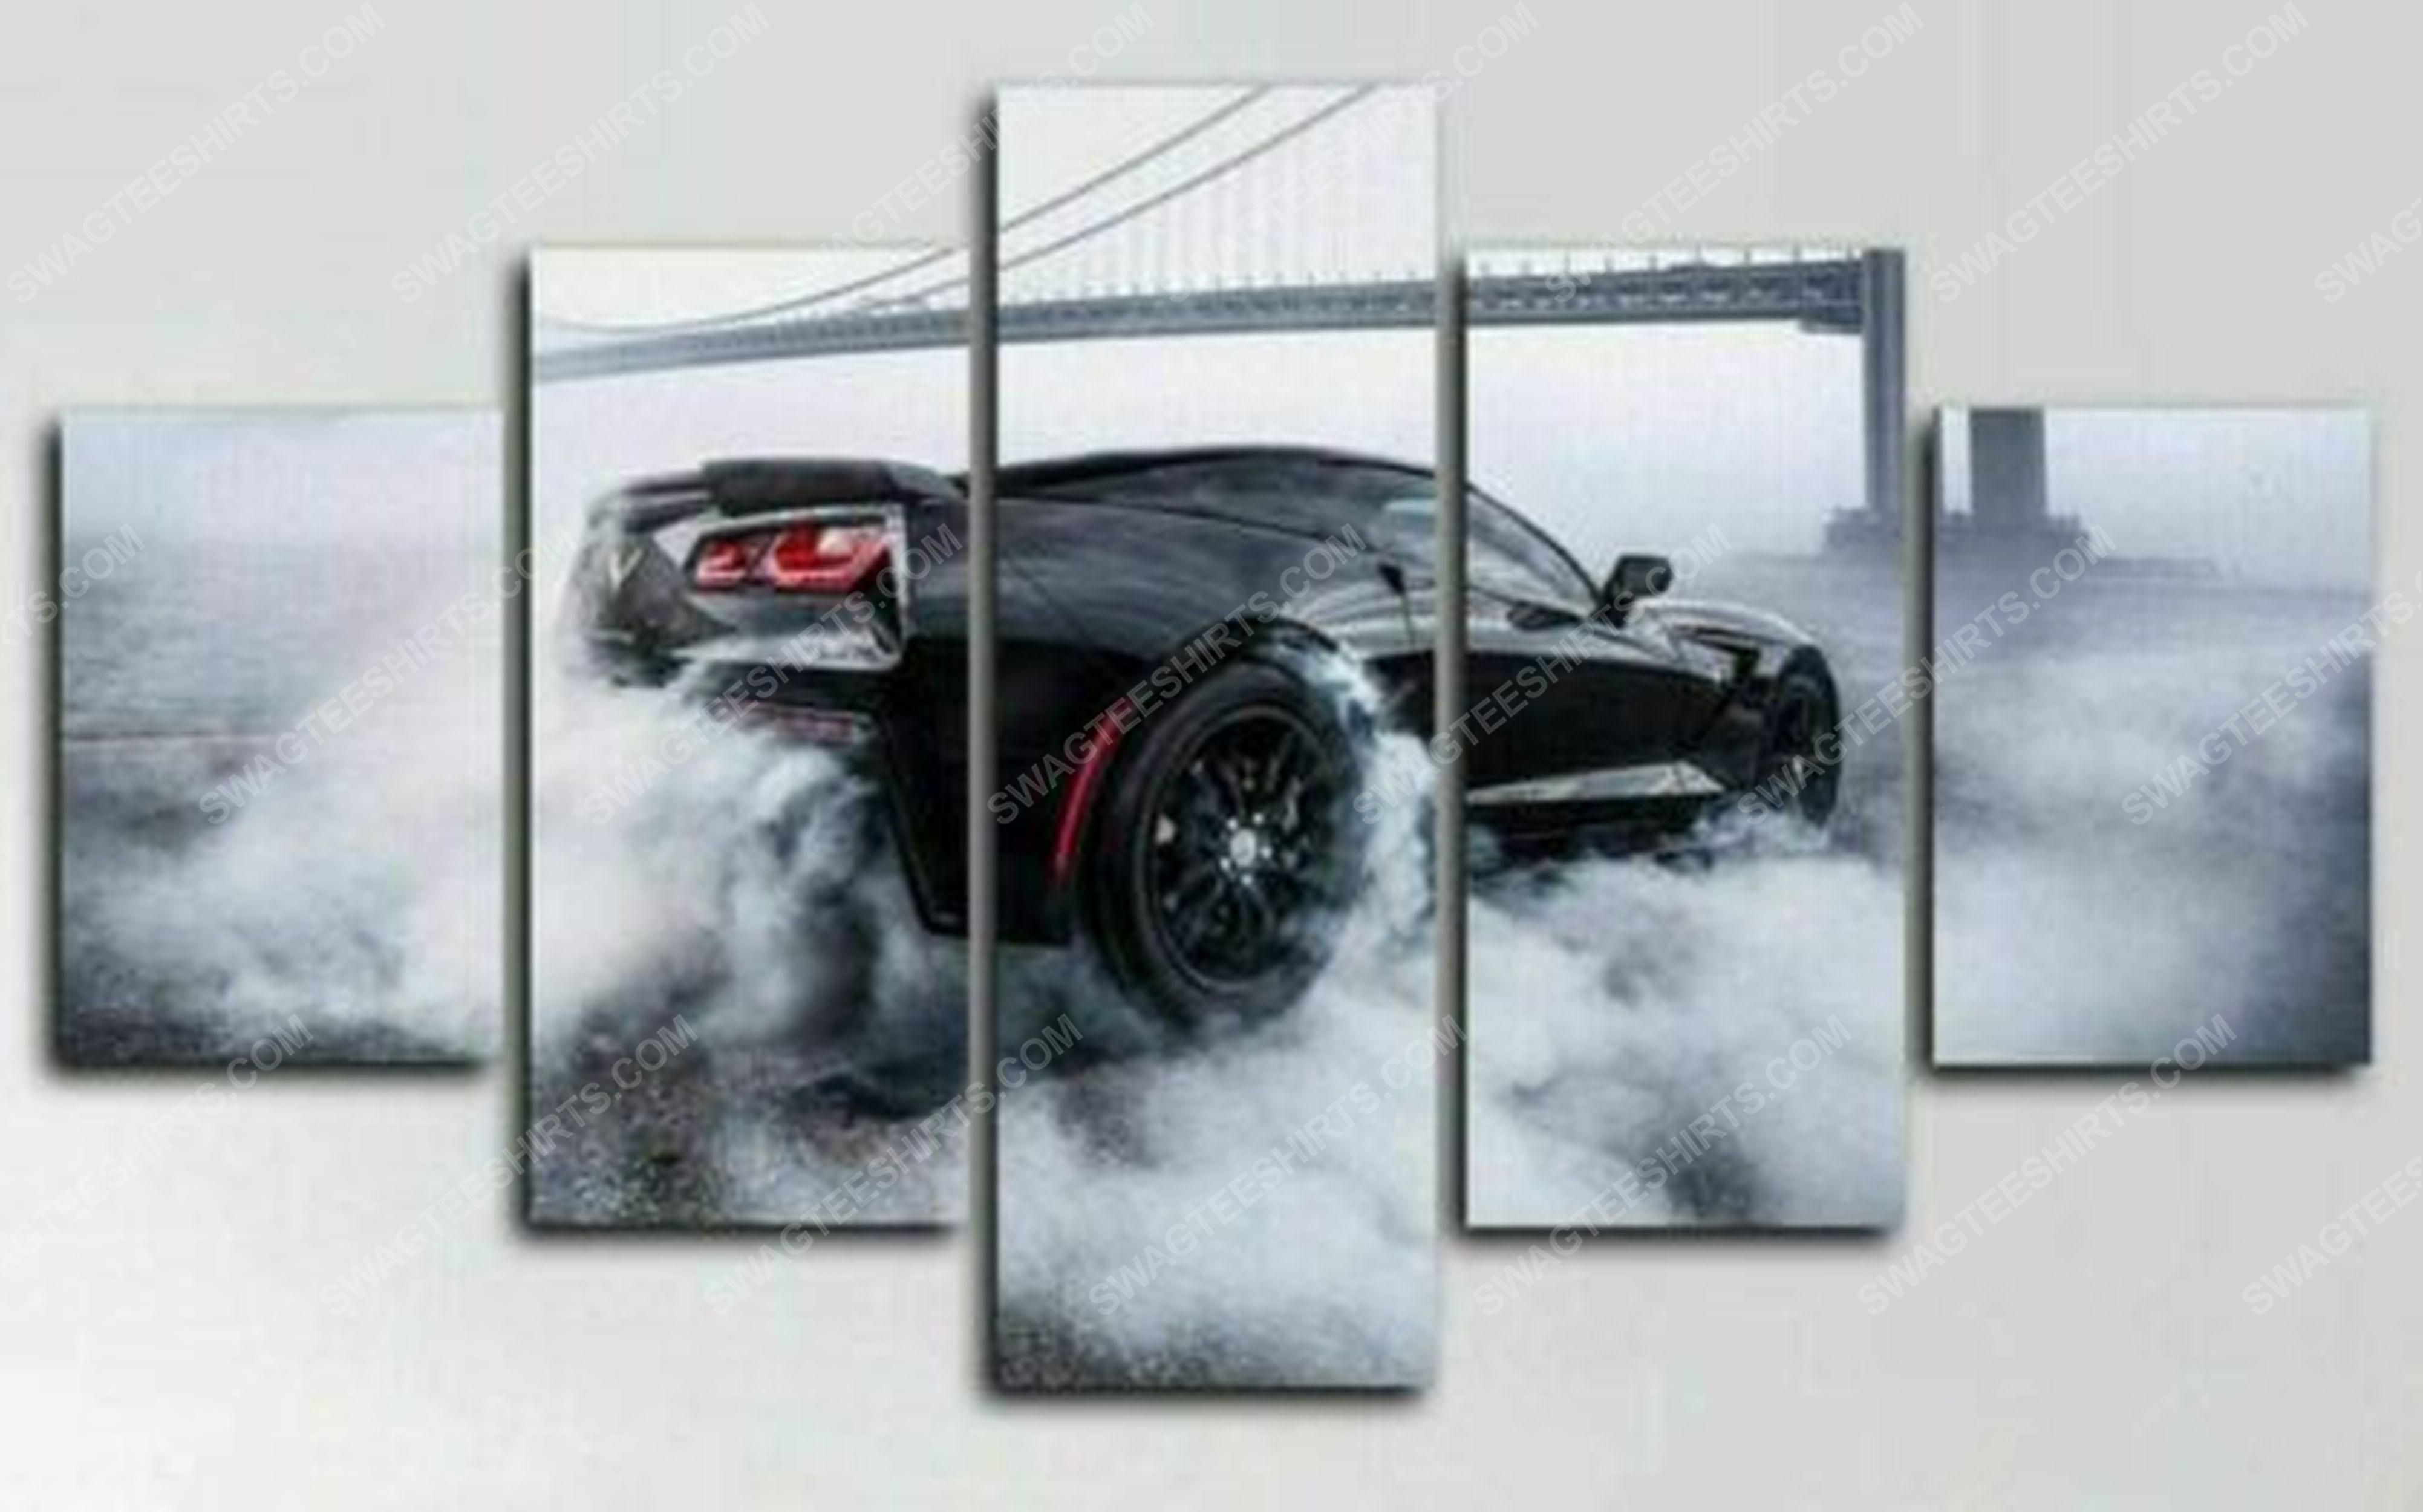 Chevrolet corvette burnout car print painting canvas wall art home decor